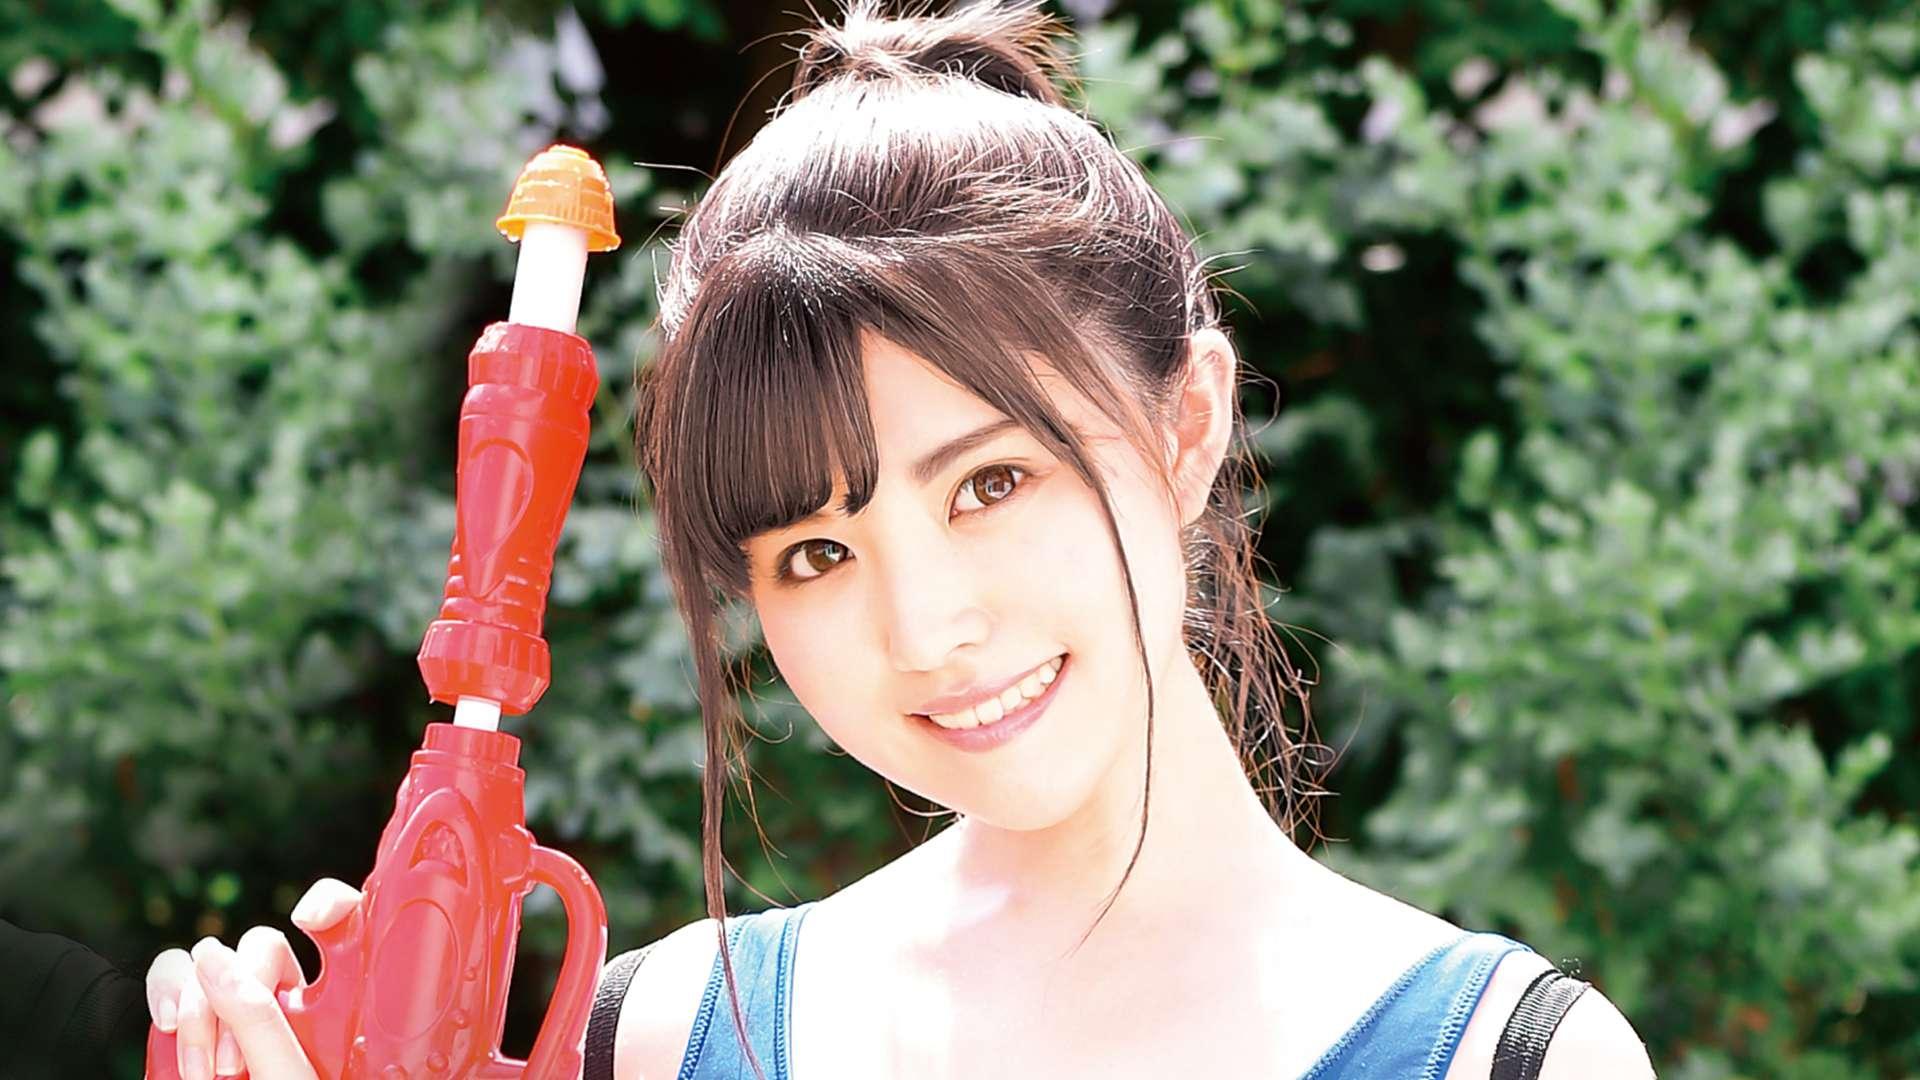 櫻井愛莉『恋のスチューピッド』